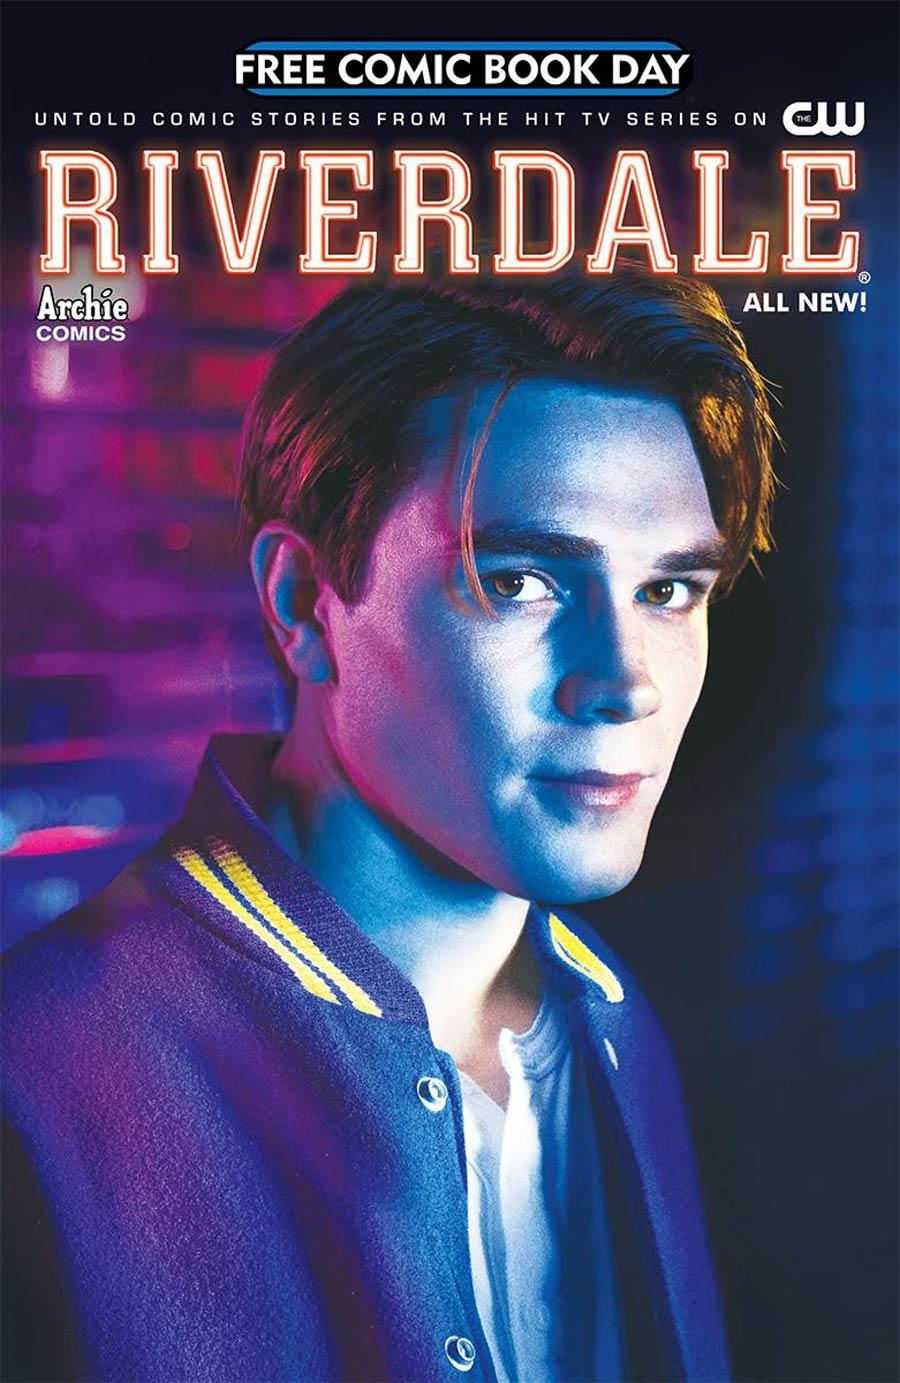 Riverdale #6 Cover C FCBD 2018